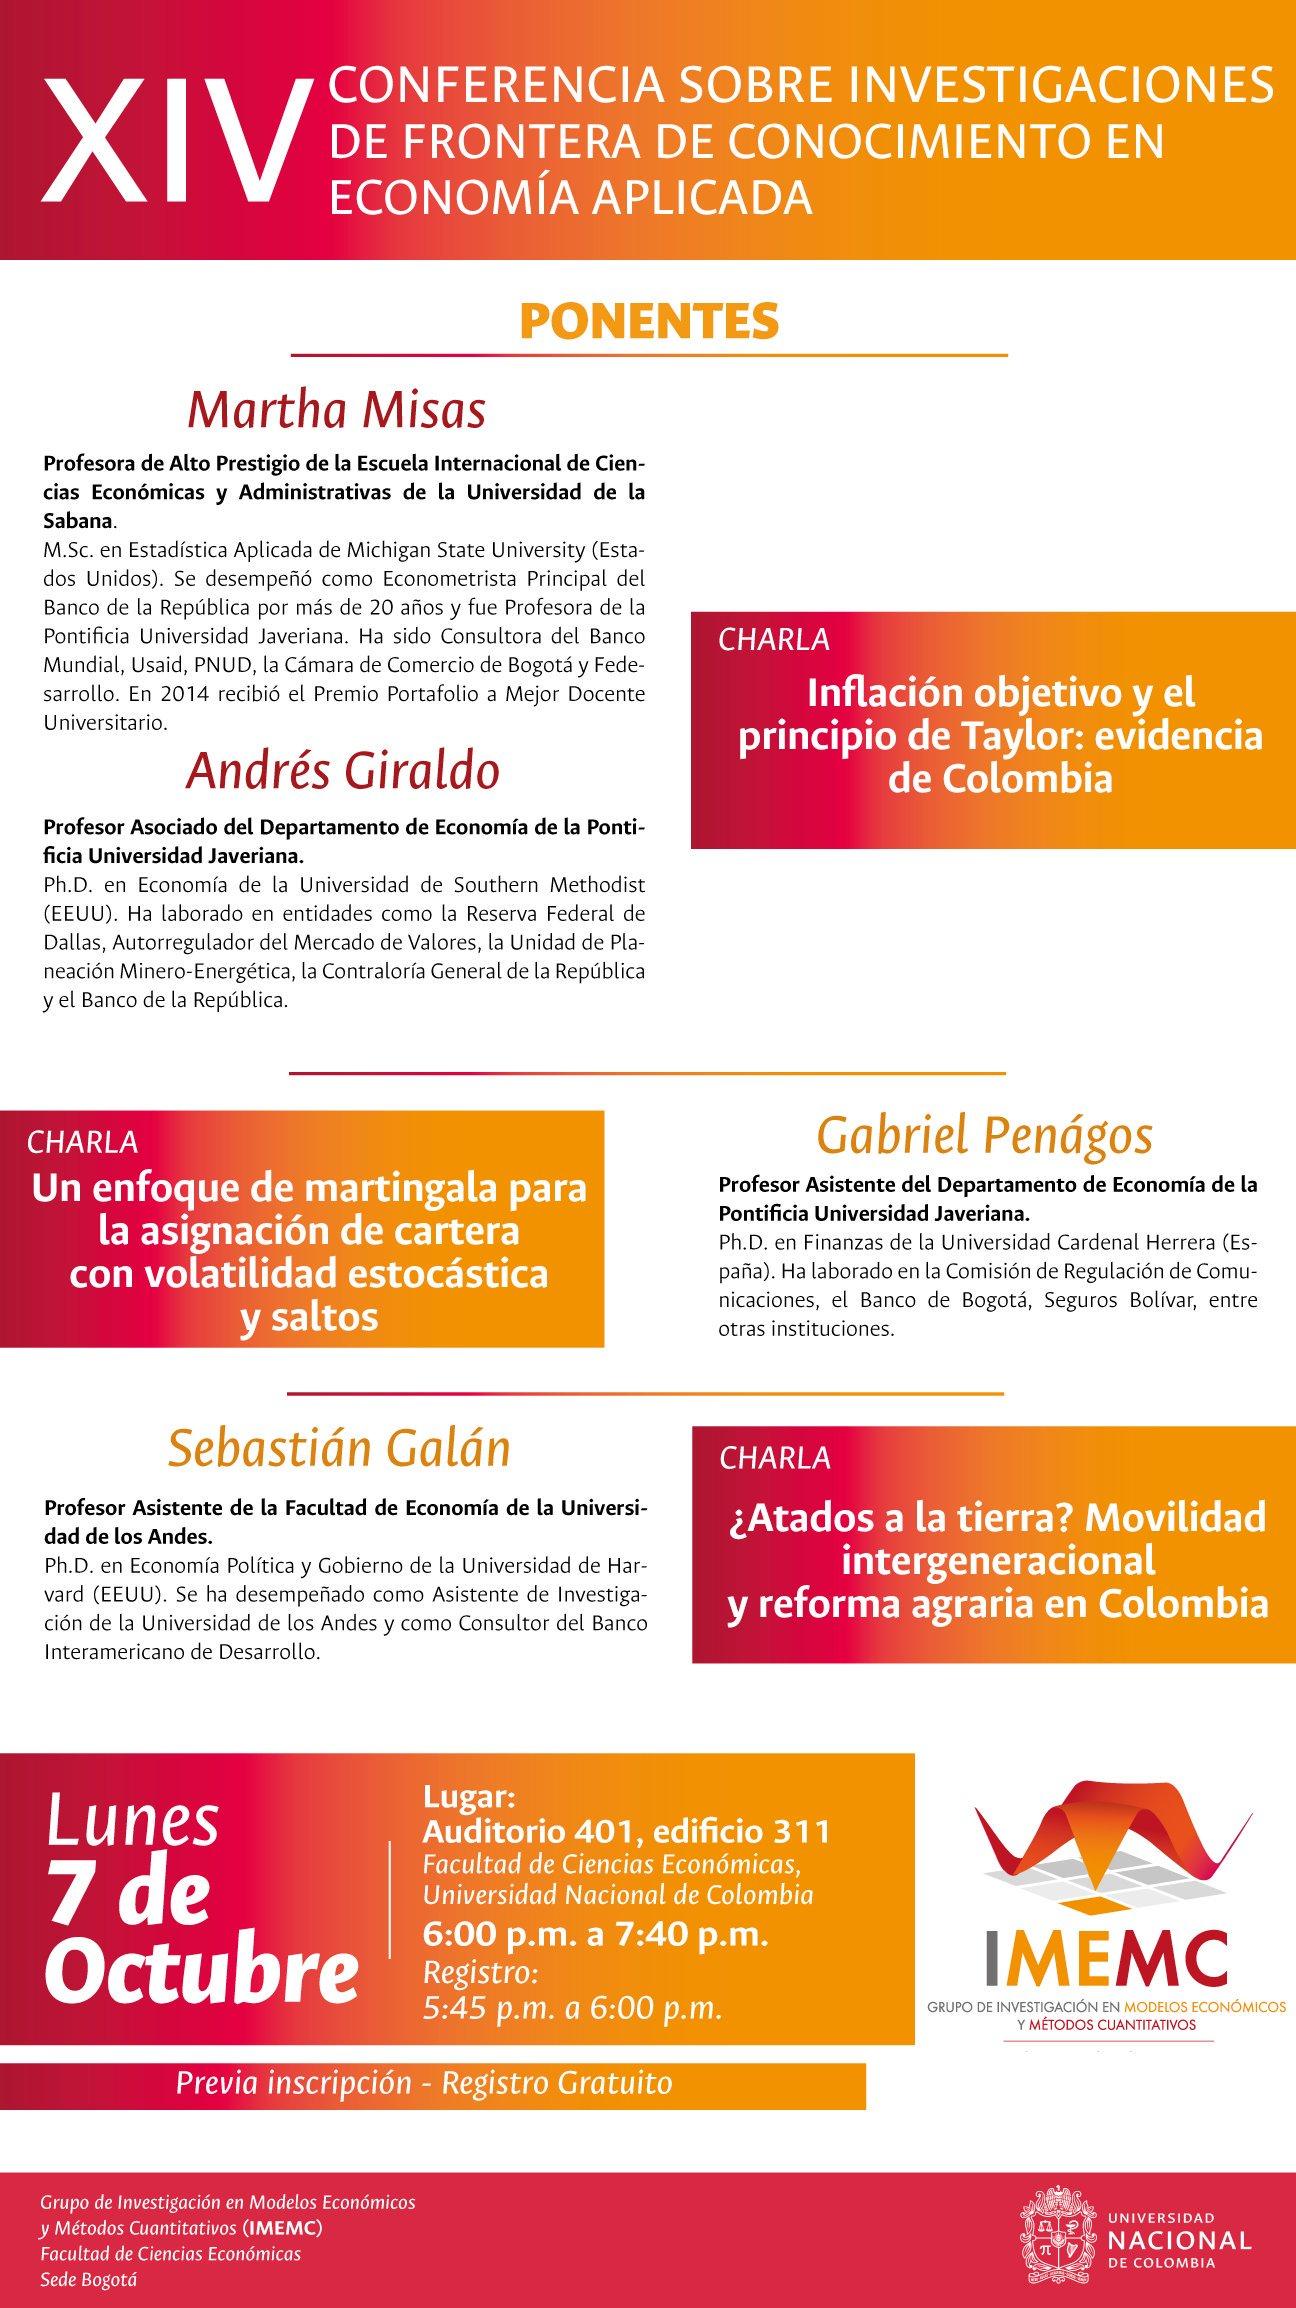 XIV conferencia sobre investigaciones de frontera de conocimiento en economía aplicada